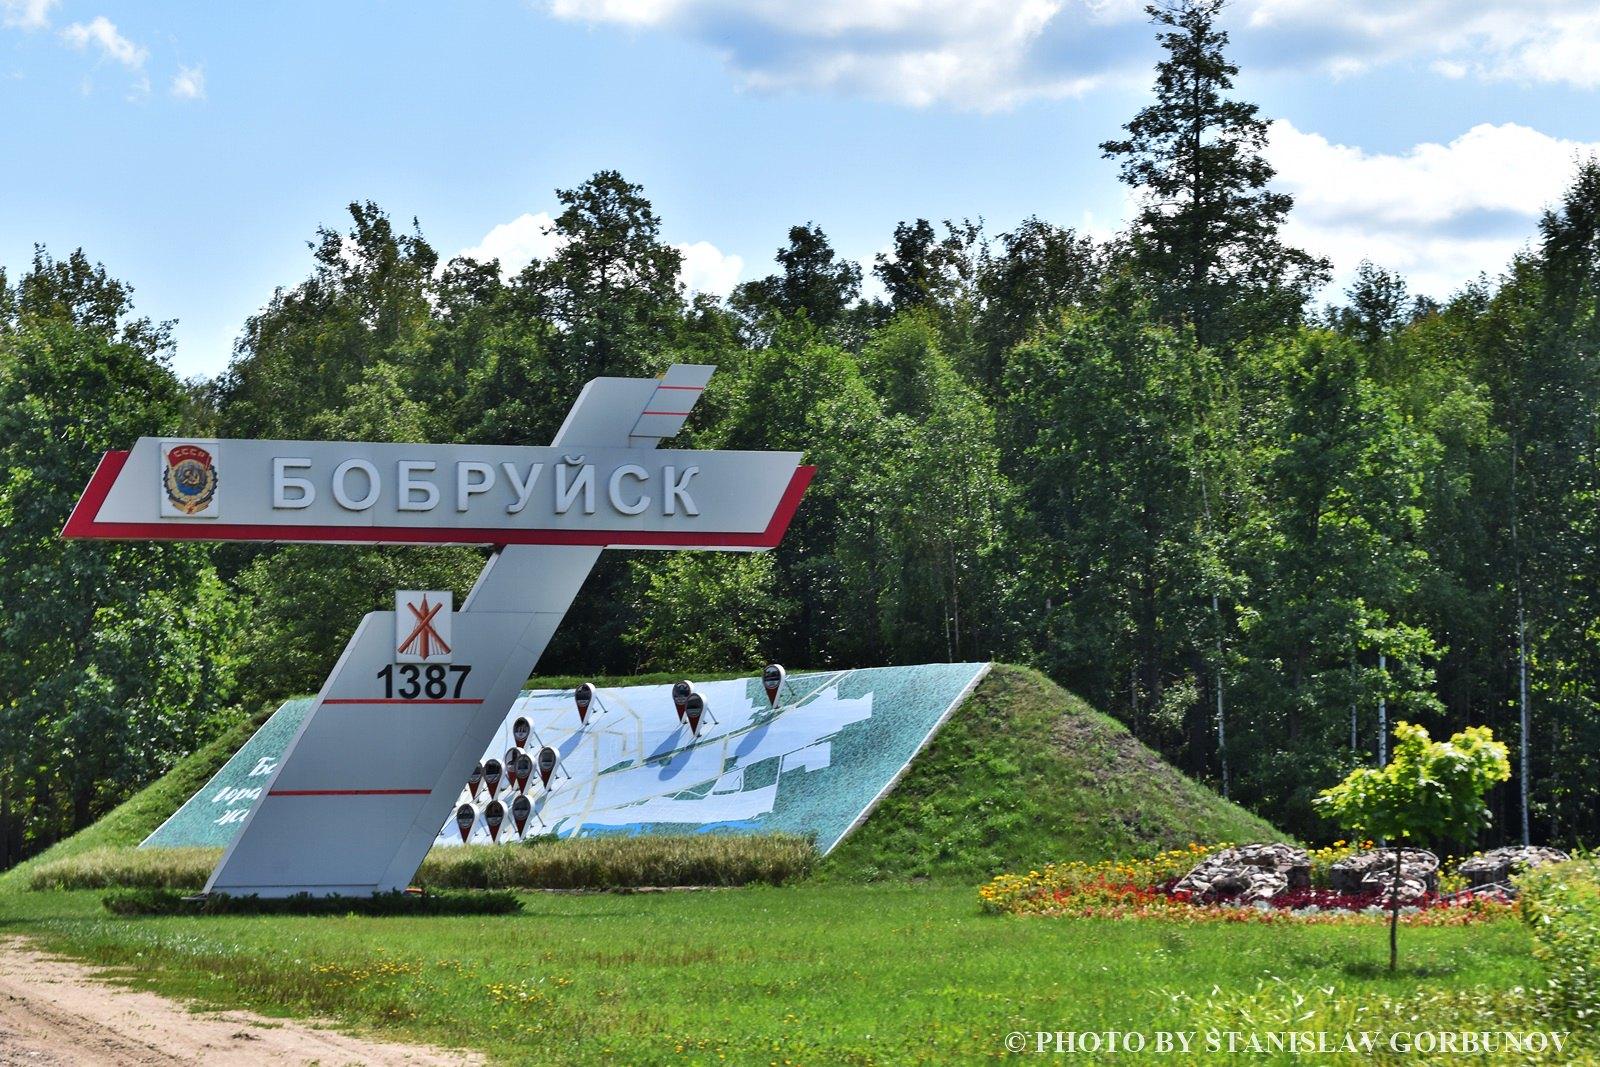 bobruisk22